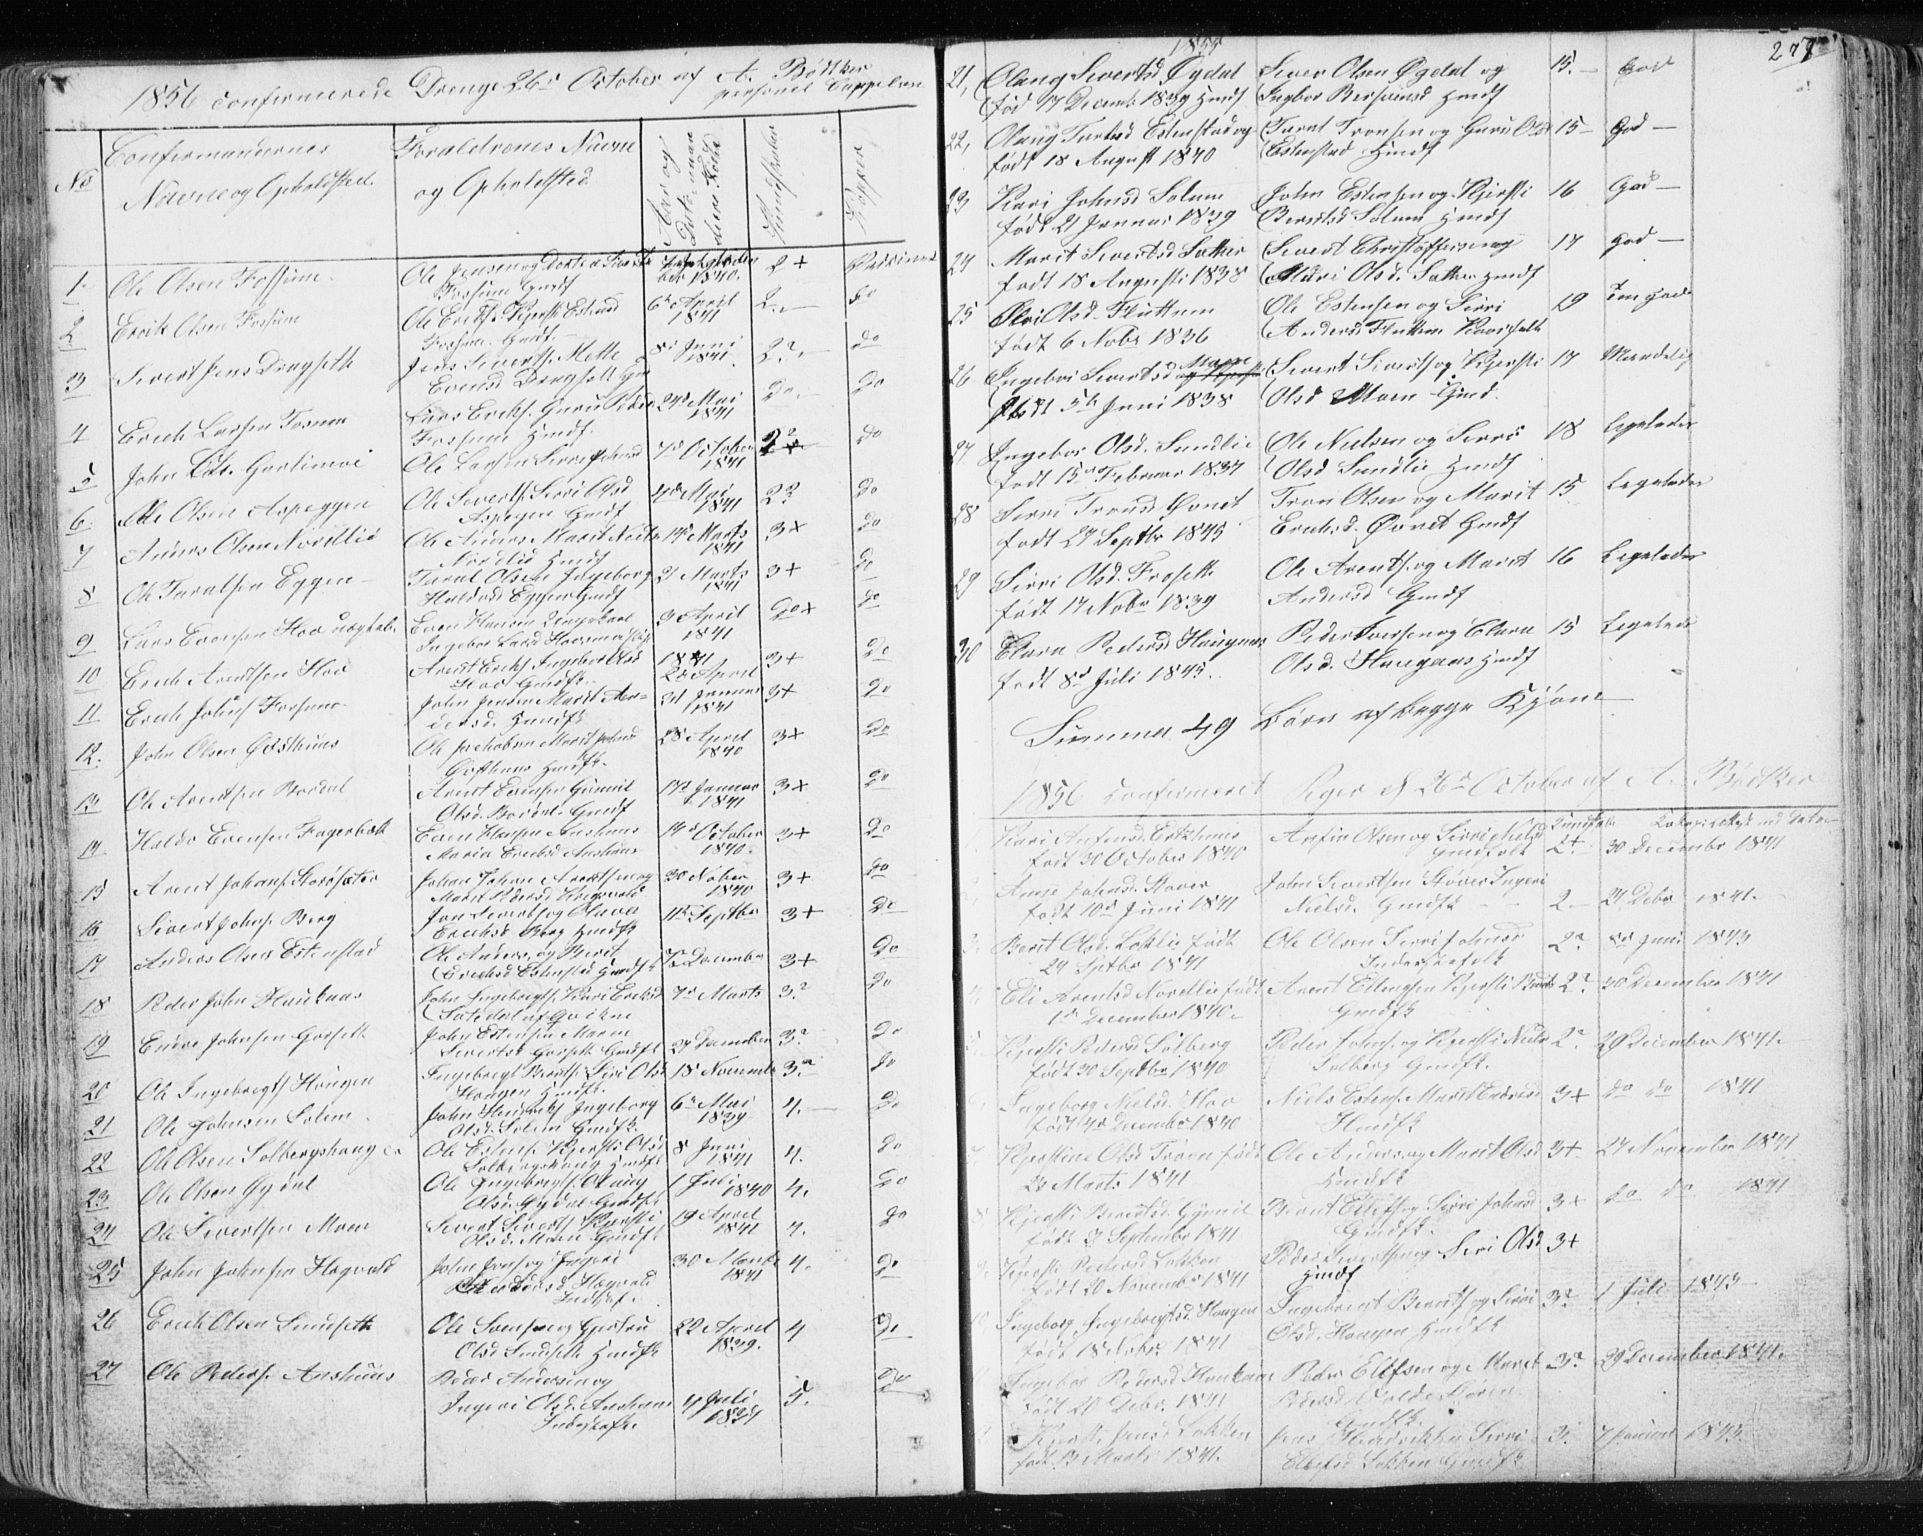 SAT, Ministerialprotokoller, klokkerbøker og fødselsregistre - Sør-Trøndelag, 689/L1043: Klokkerbok nr. 689C02, 1816-1892, s. 277